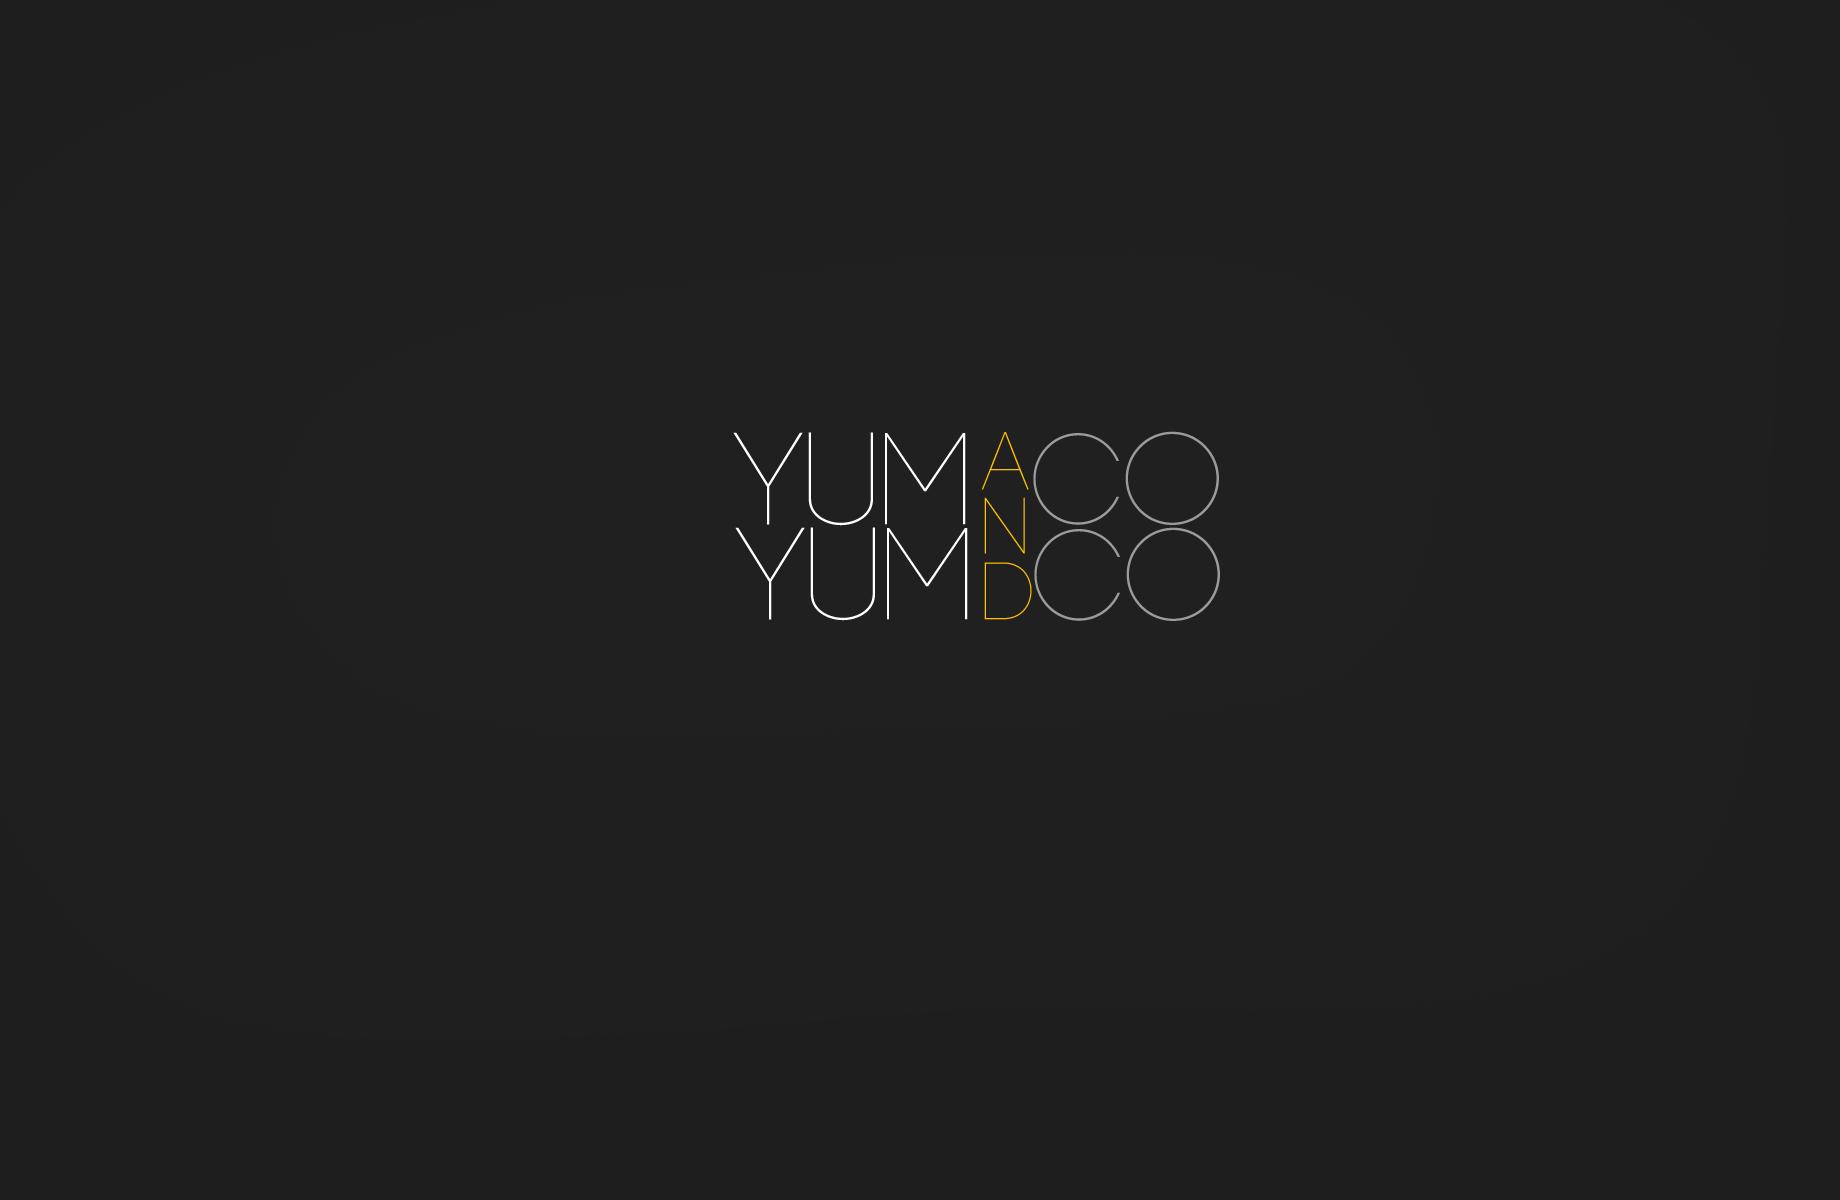 Logo Design by Jan Chua - Entry No. 32 in the Logo Design Contest Logo Design for YumYum & CoCo.